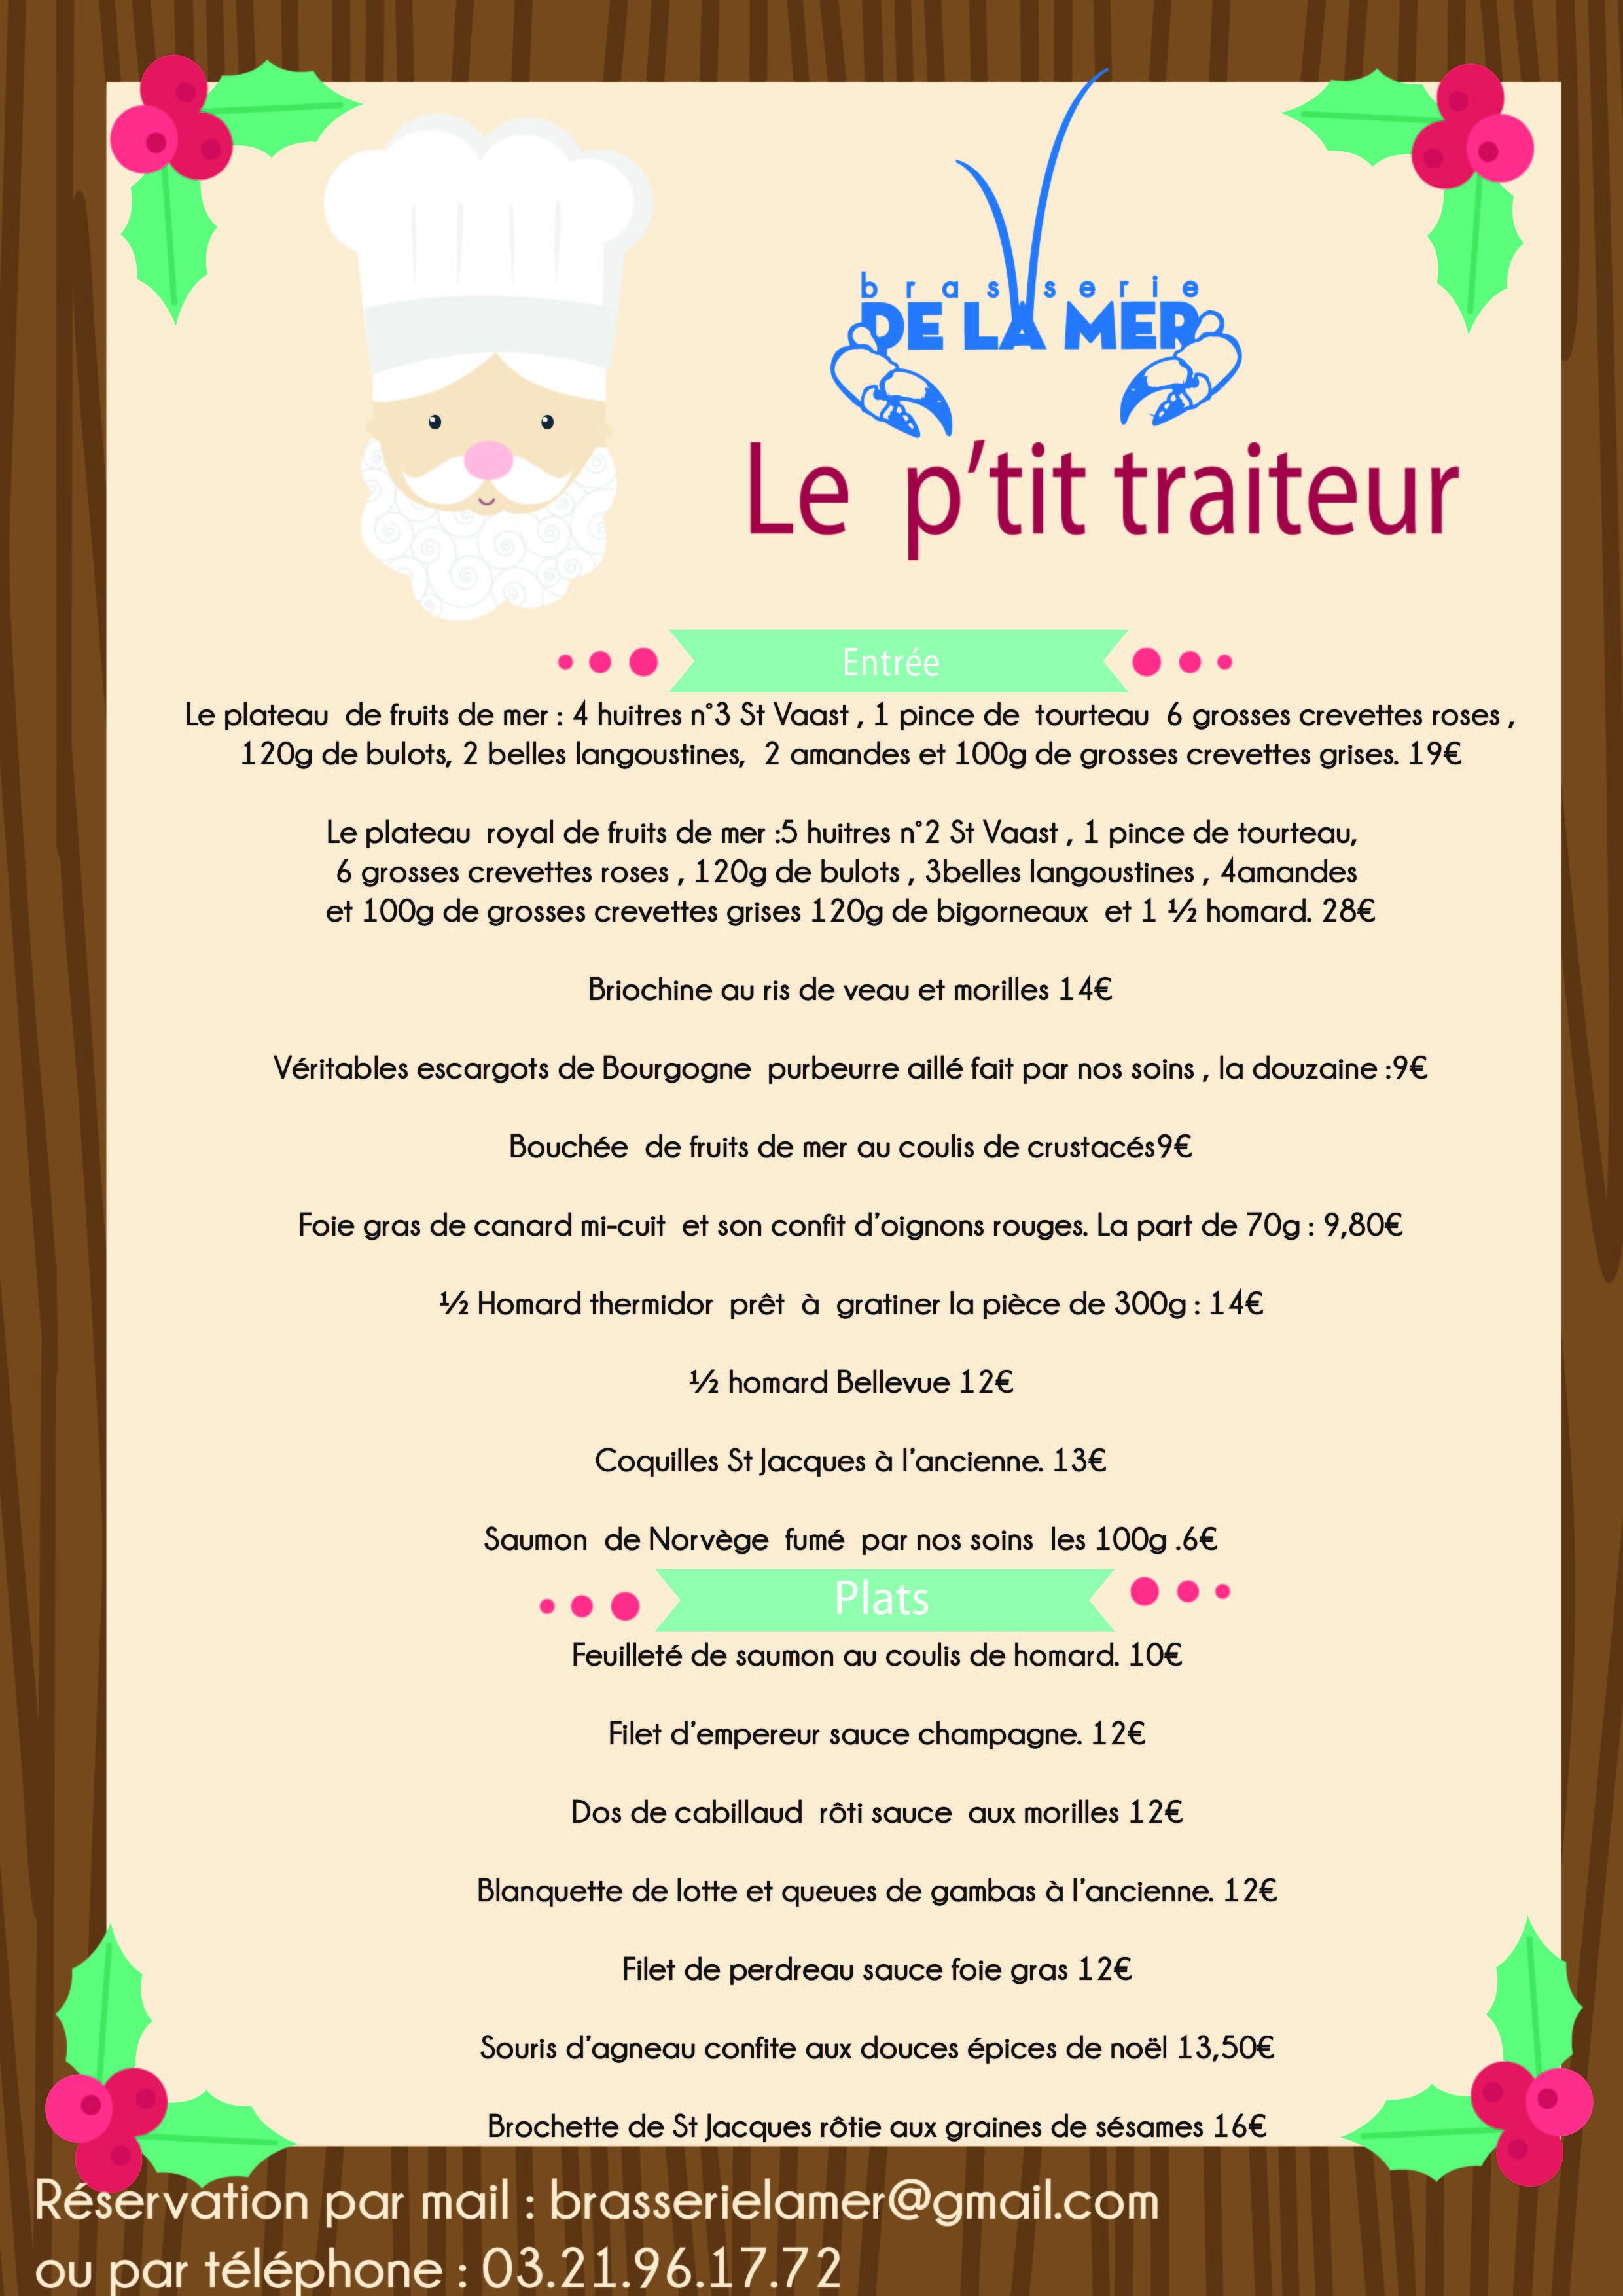 tratieur-noel-nouvel-ans-01